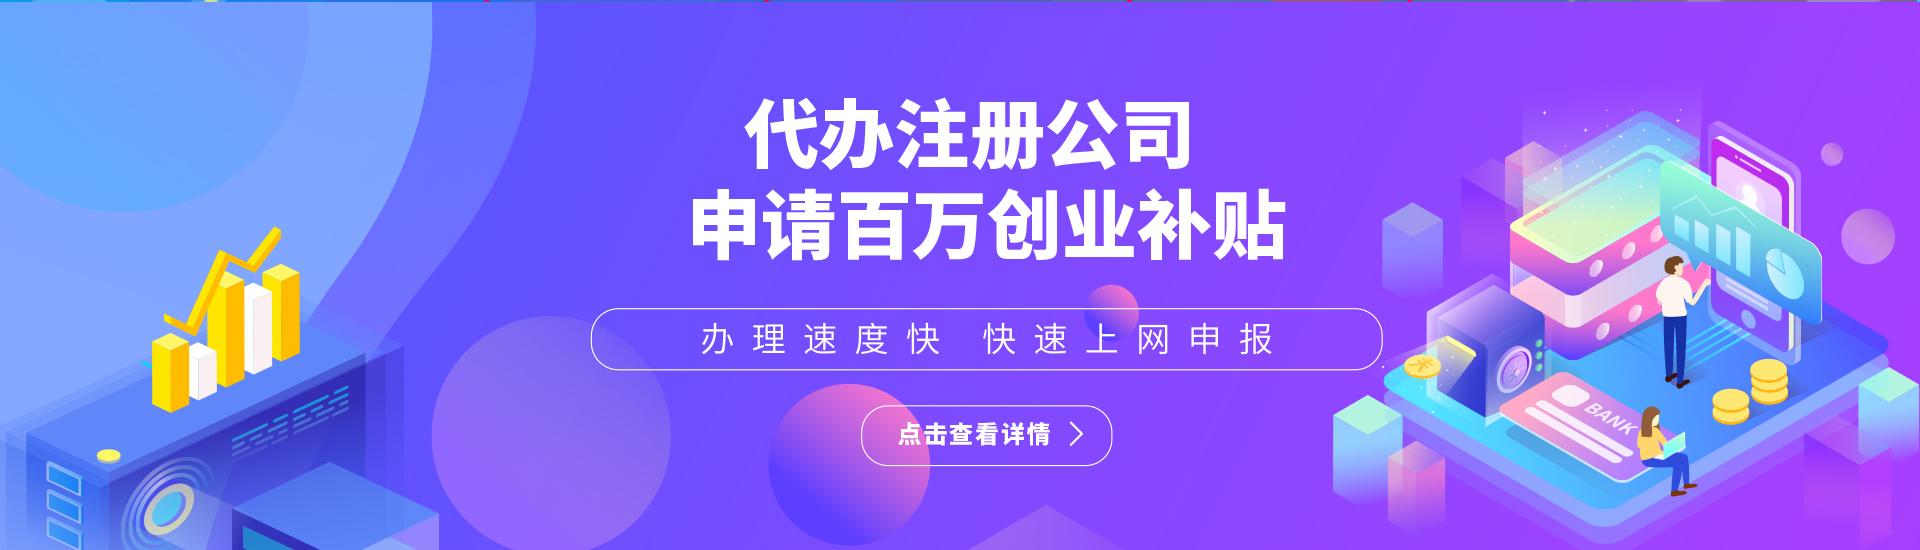 深圳市创业补贴_初创补贴_社保补贴_场租补贴_带动就业补贴-万事惠